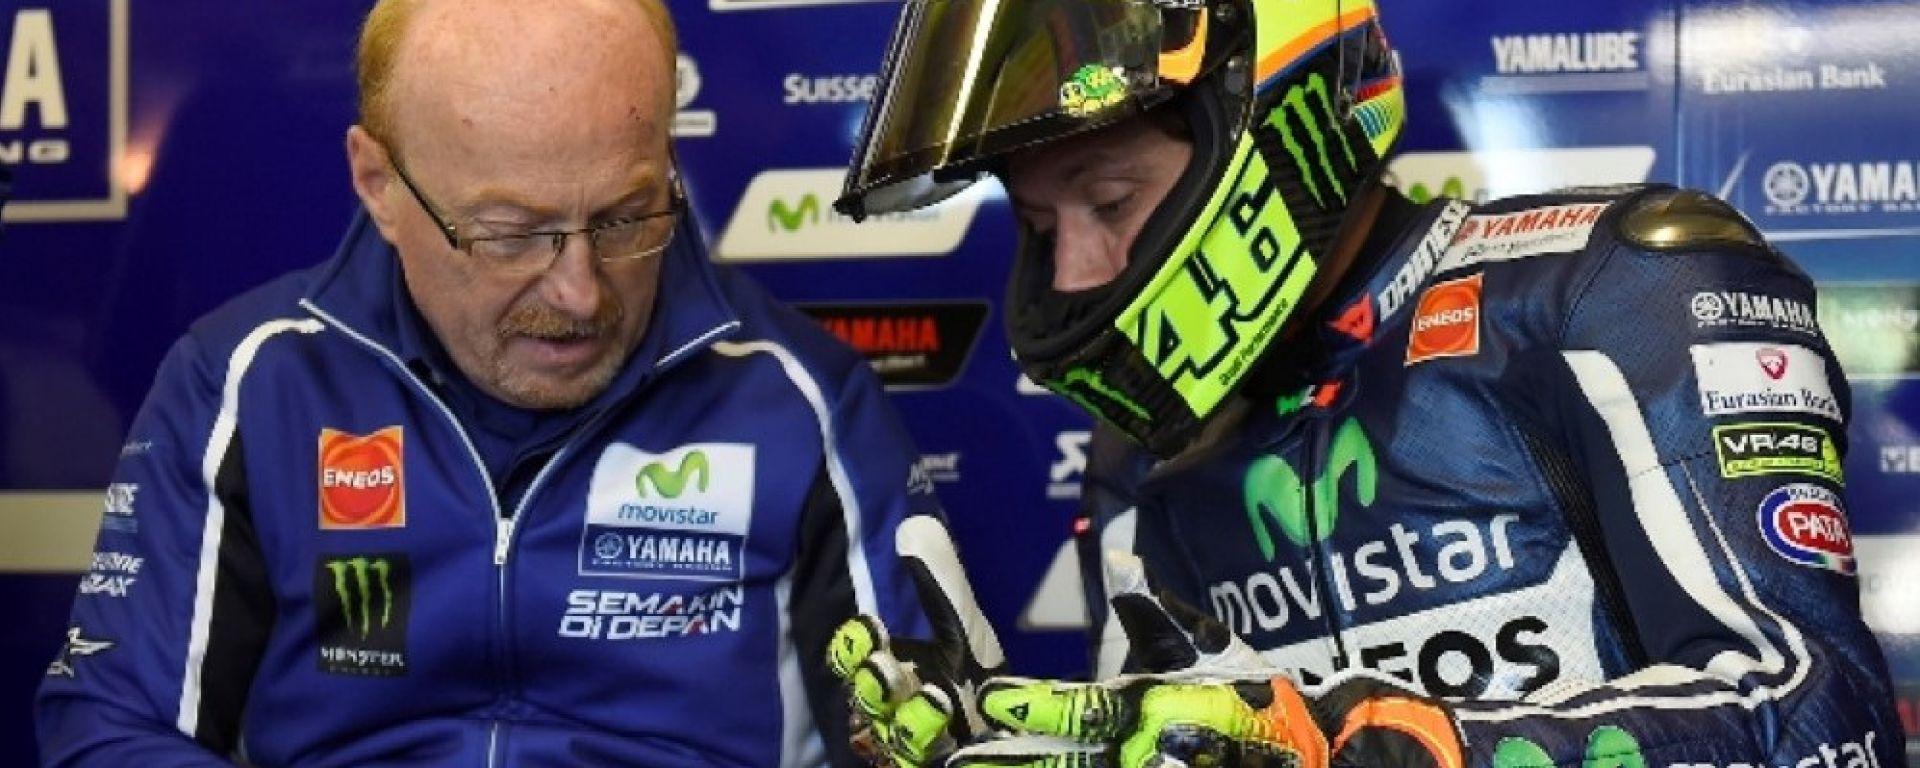 MotoGP: Silvano Galbusera e Valentino Rossi (Yamaha)